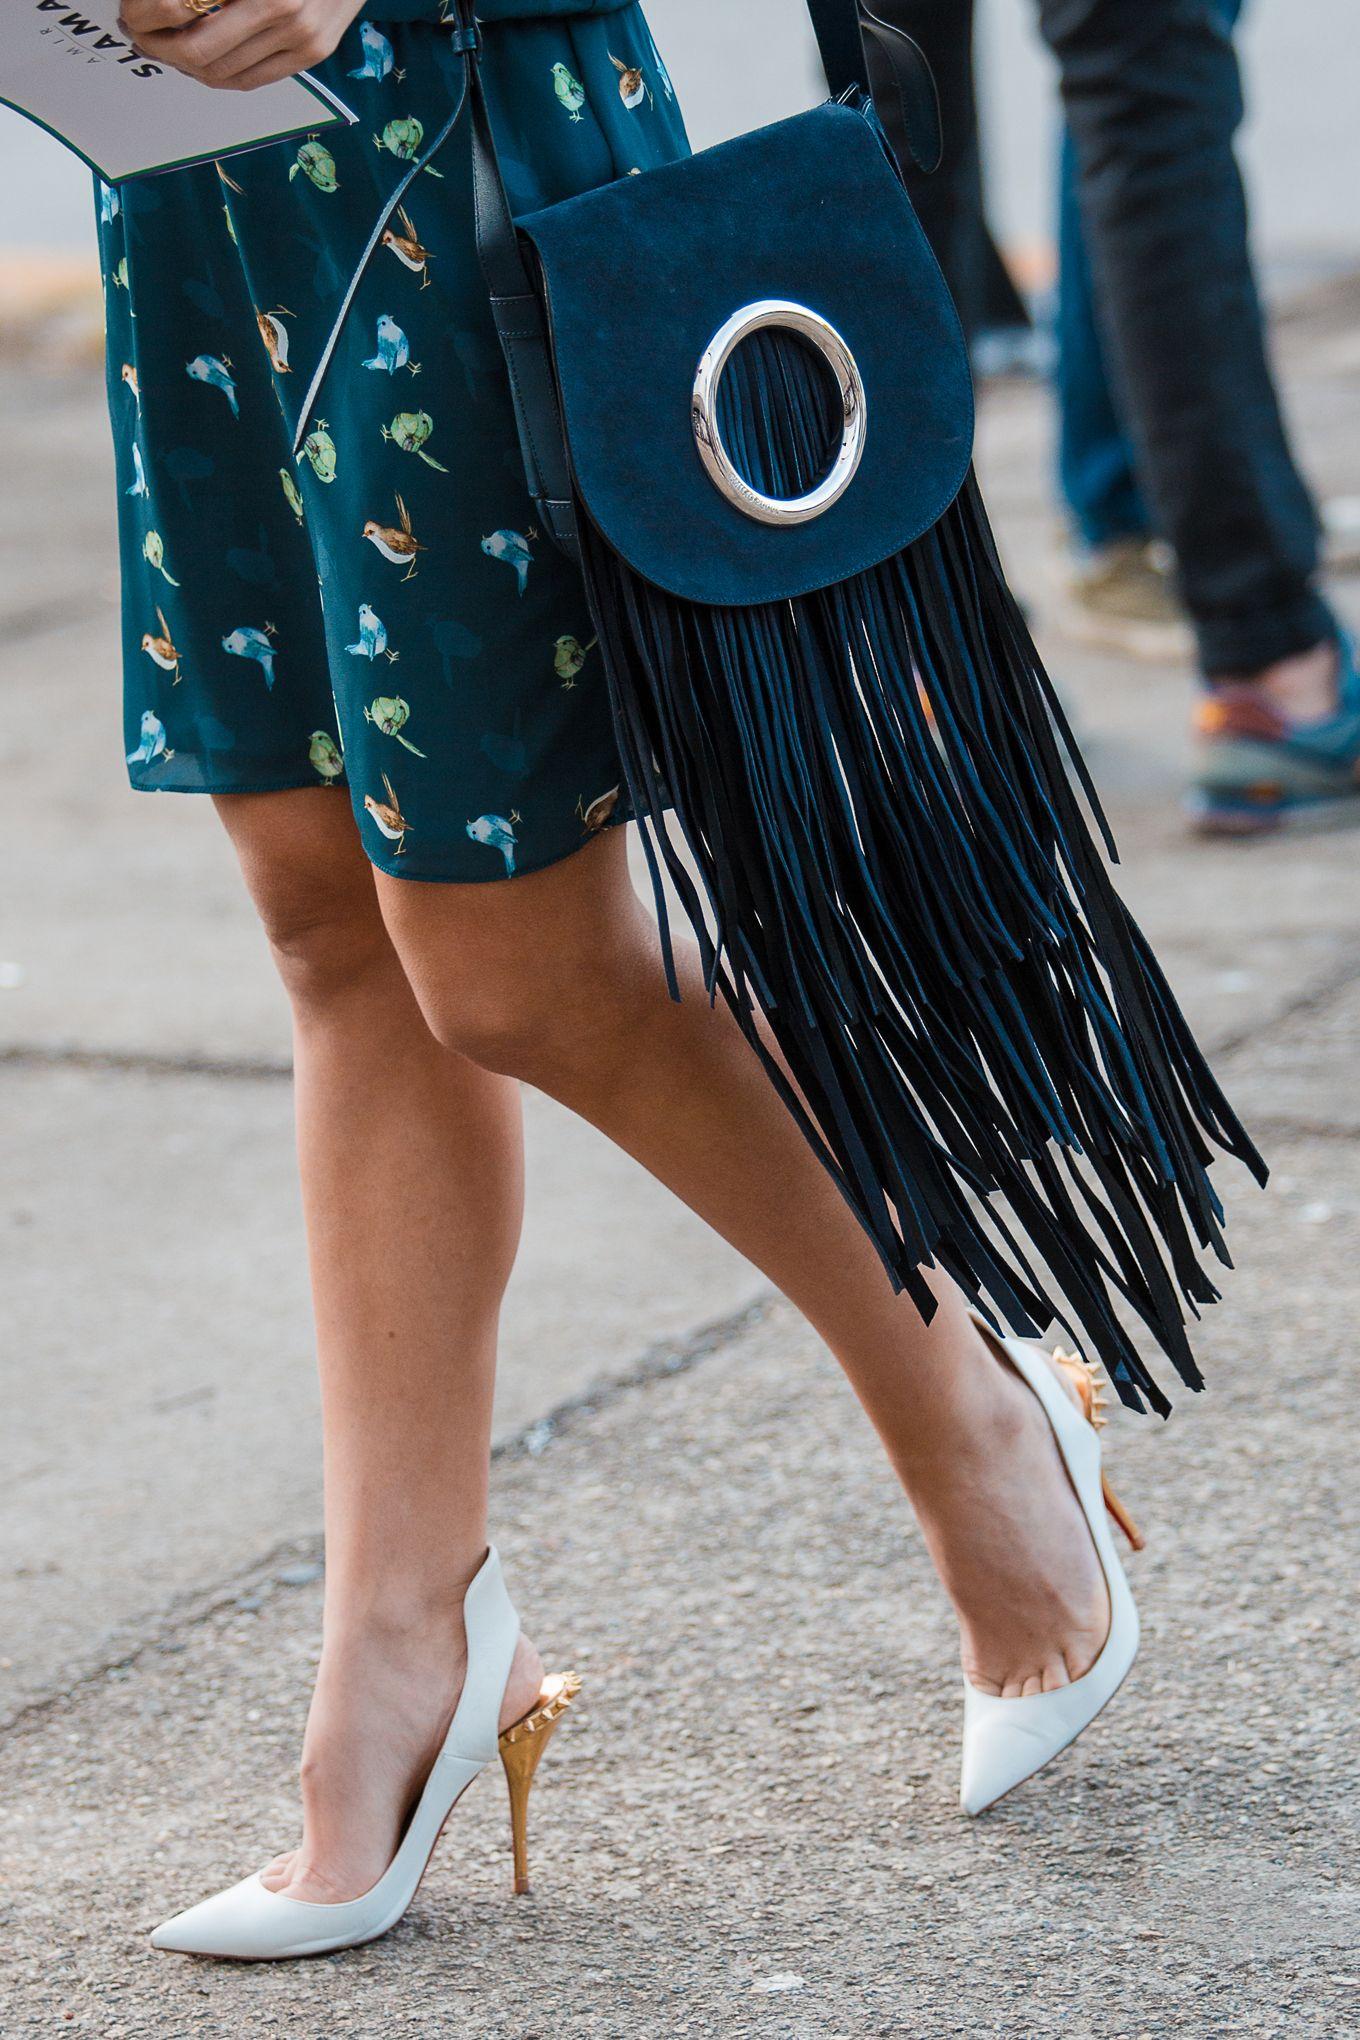 10 Senza Bianche Scarpe Con Una Eleganti Abbinamenti Sembrare Sposa Le jSzMLpqUVG